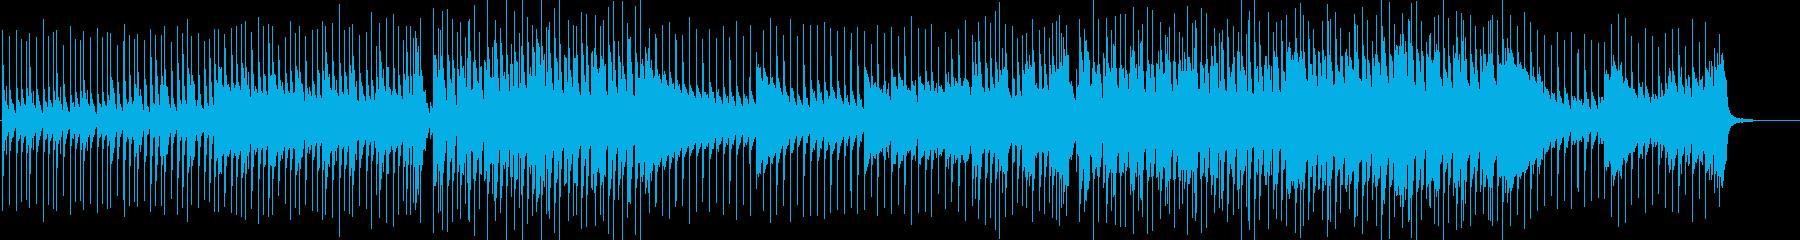 ゲーム、シンセリードロックBGM の再生済みの波形